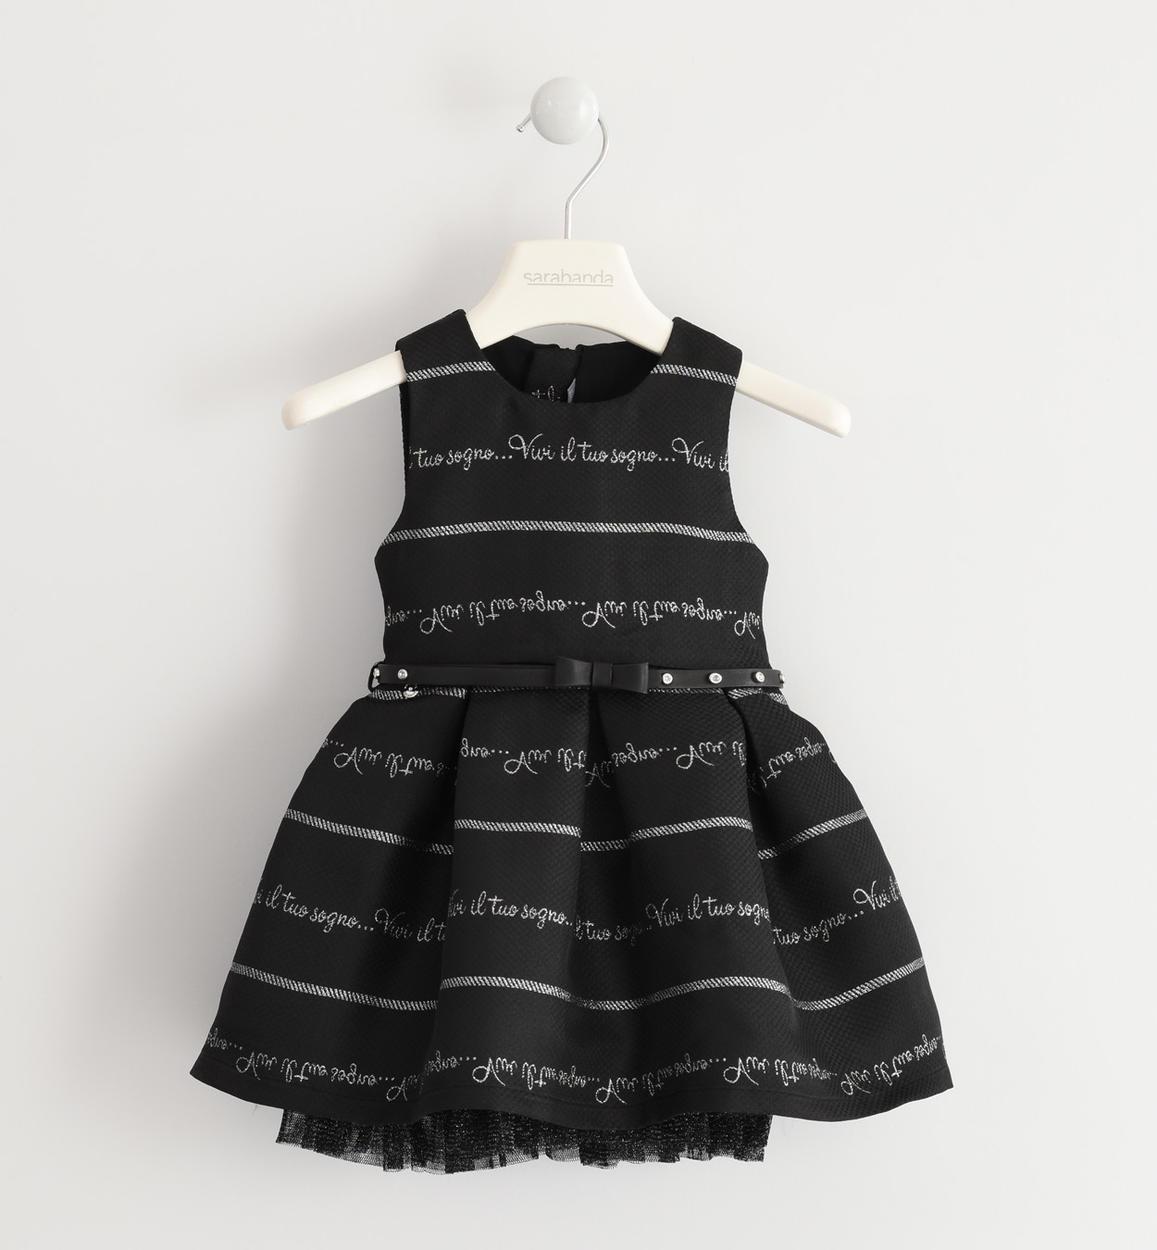 Vestiti Eleganti Bimba 7 Anni.Elegante Abito Smanicato Con Scritte Jacquard Per Bambina Da 6